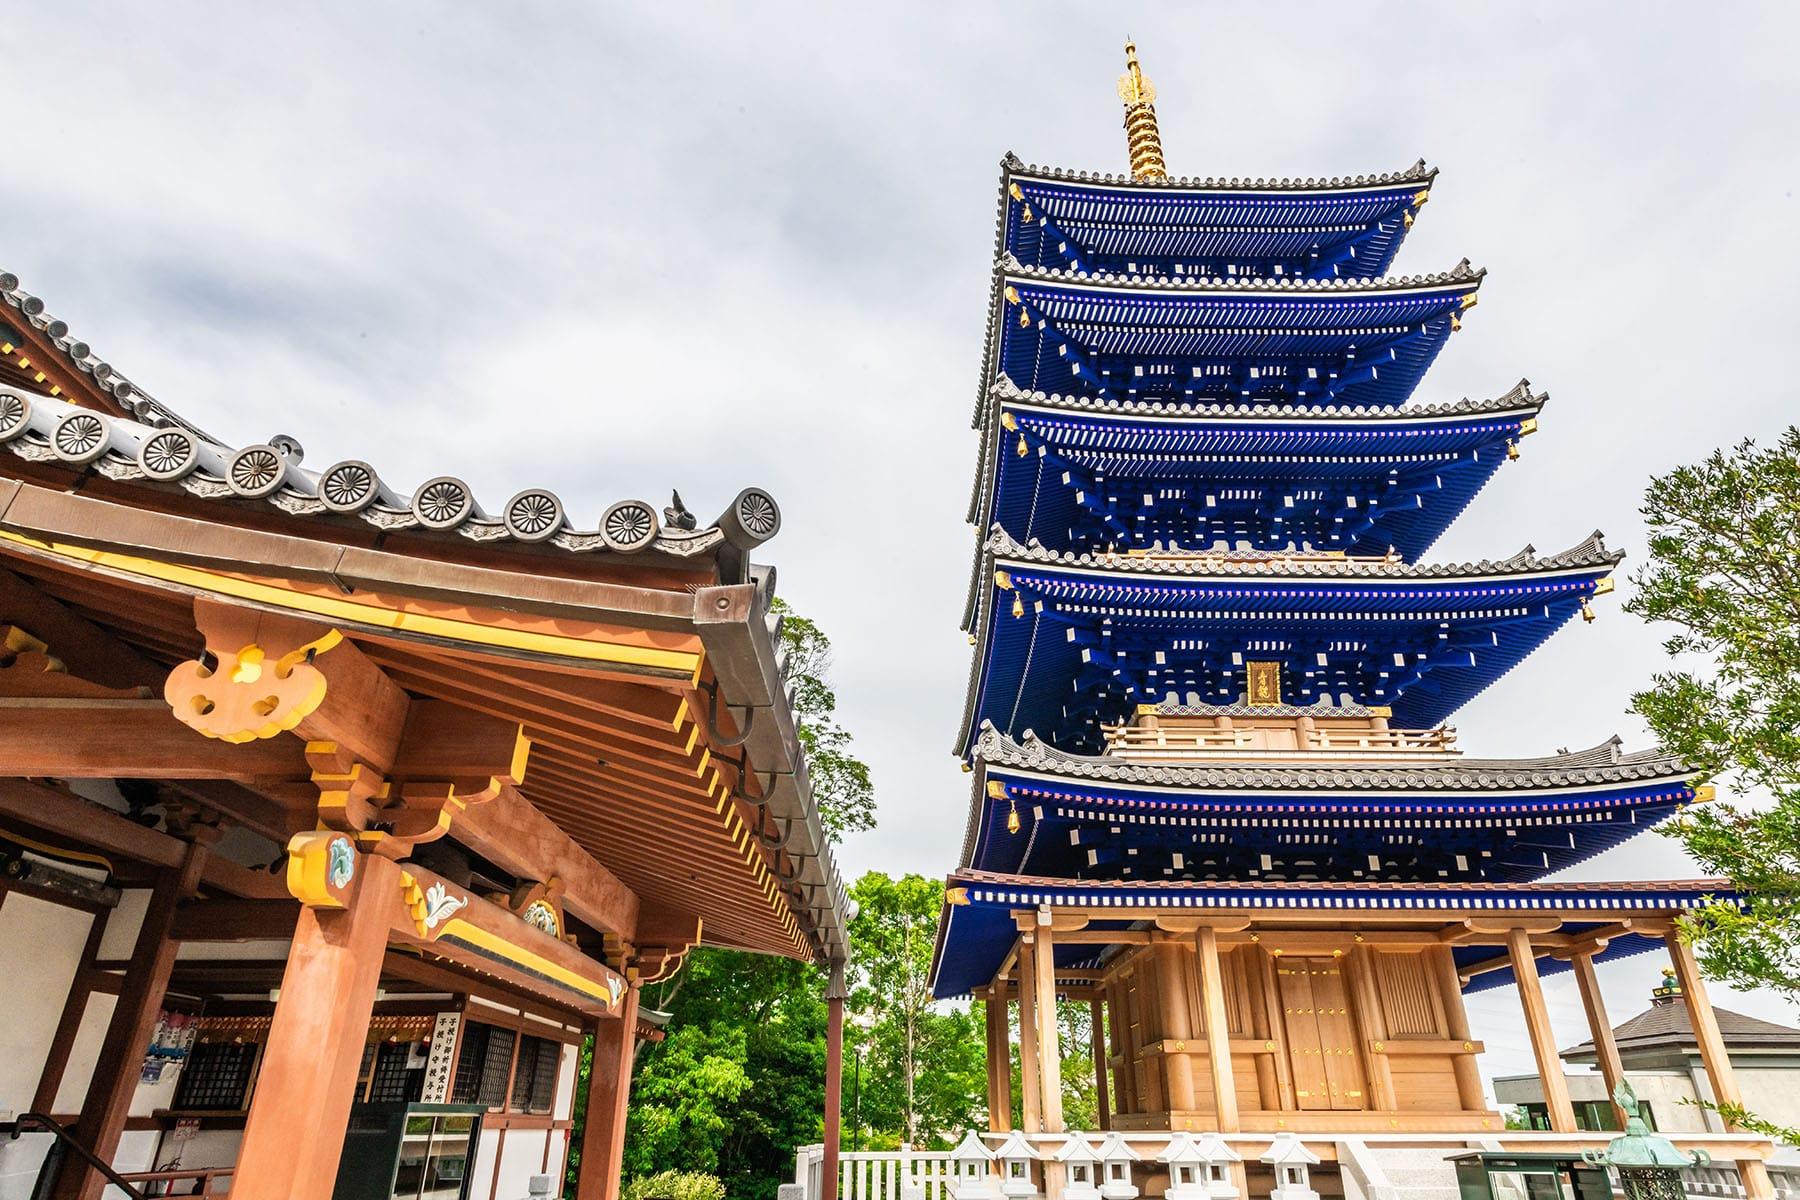 西国札所 第24番【紫雲山・中山寺】 | フォトさいたま